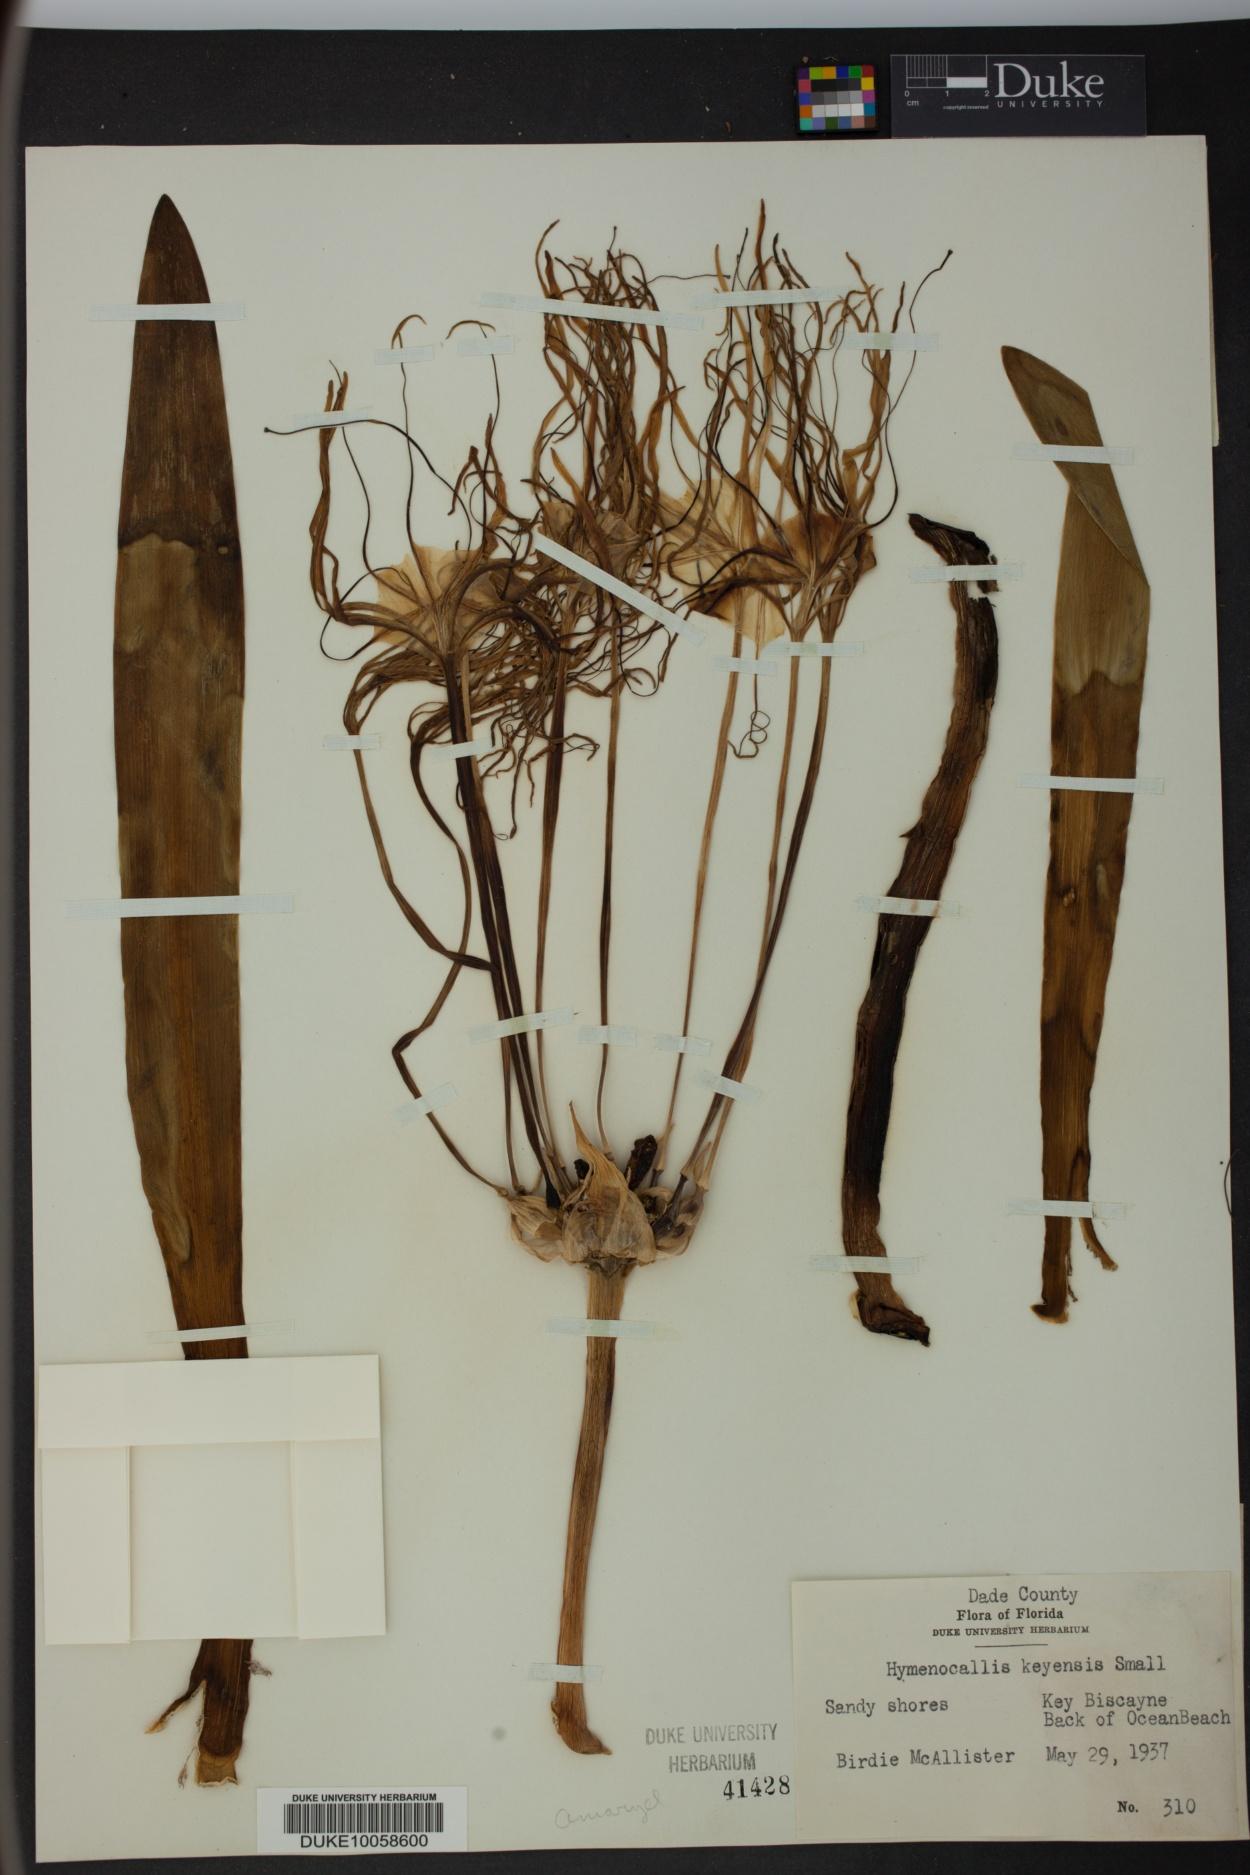 Hymenocallis keyensis image